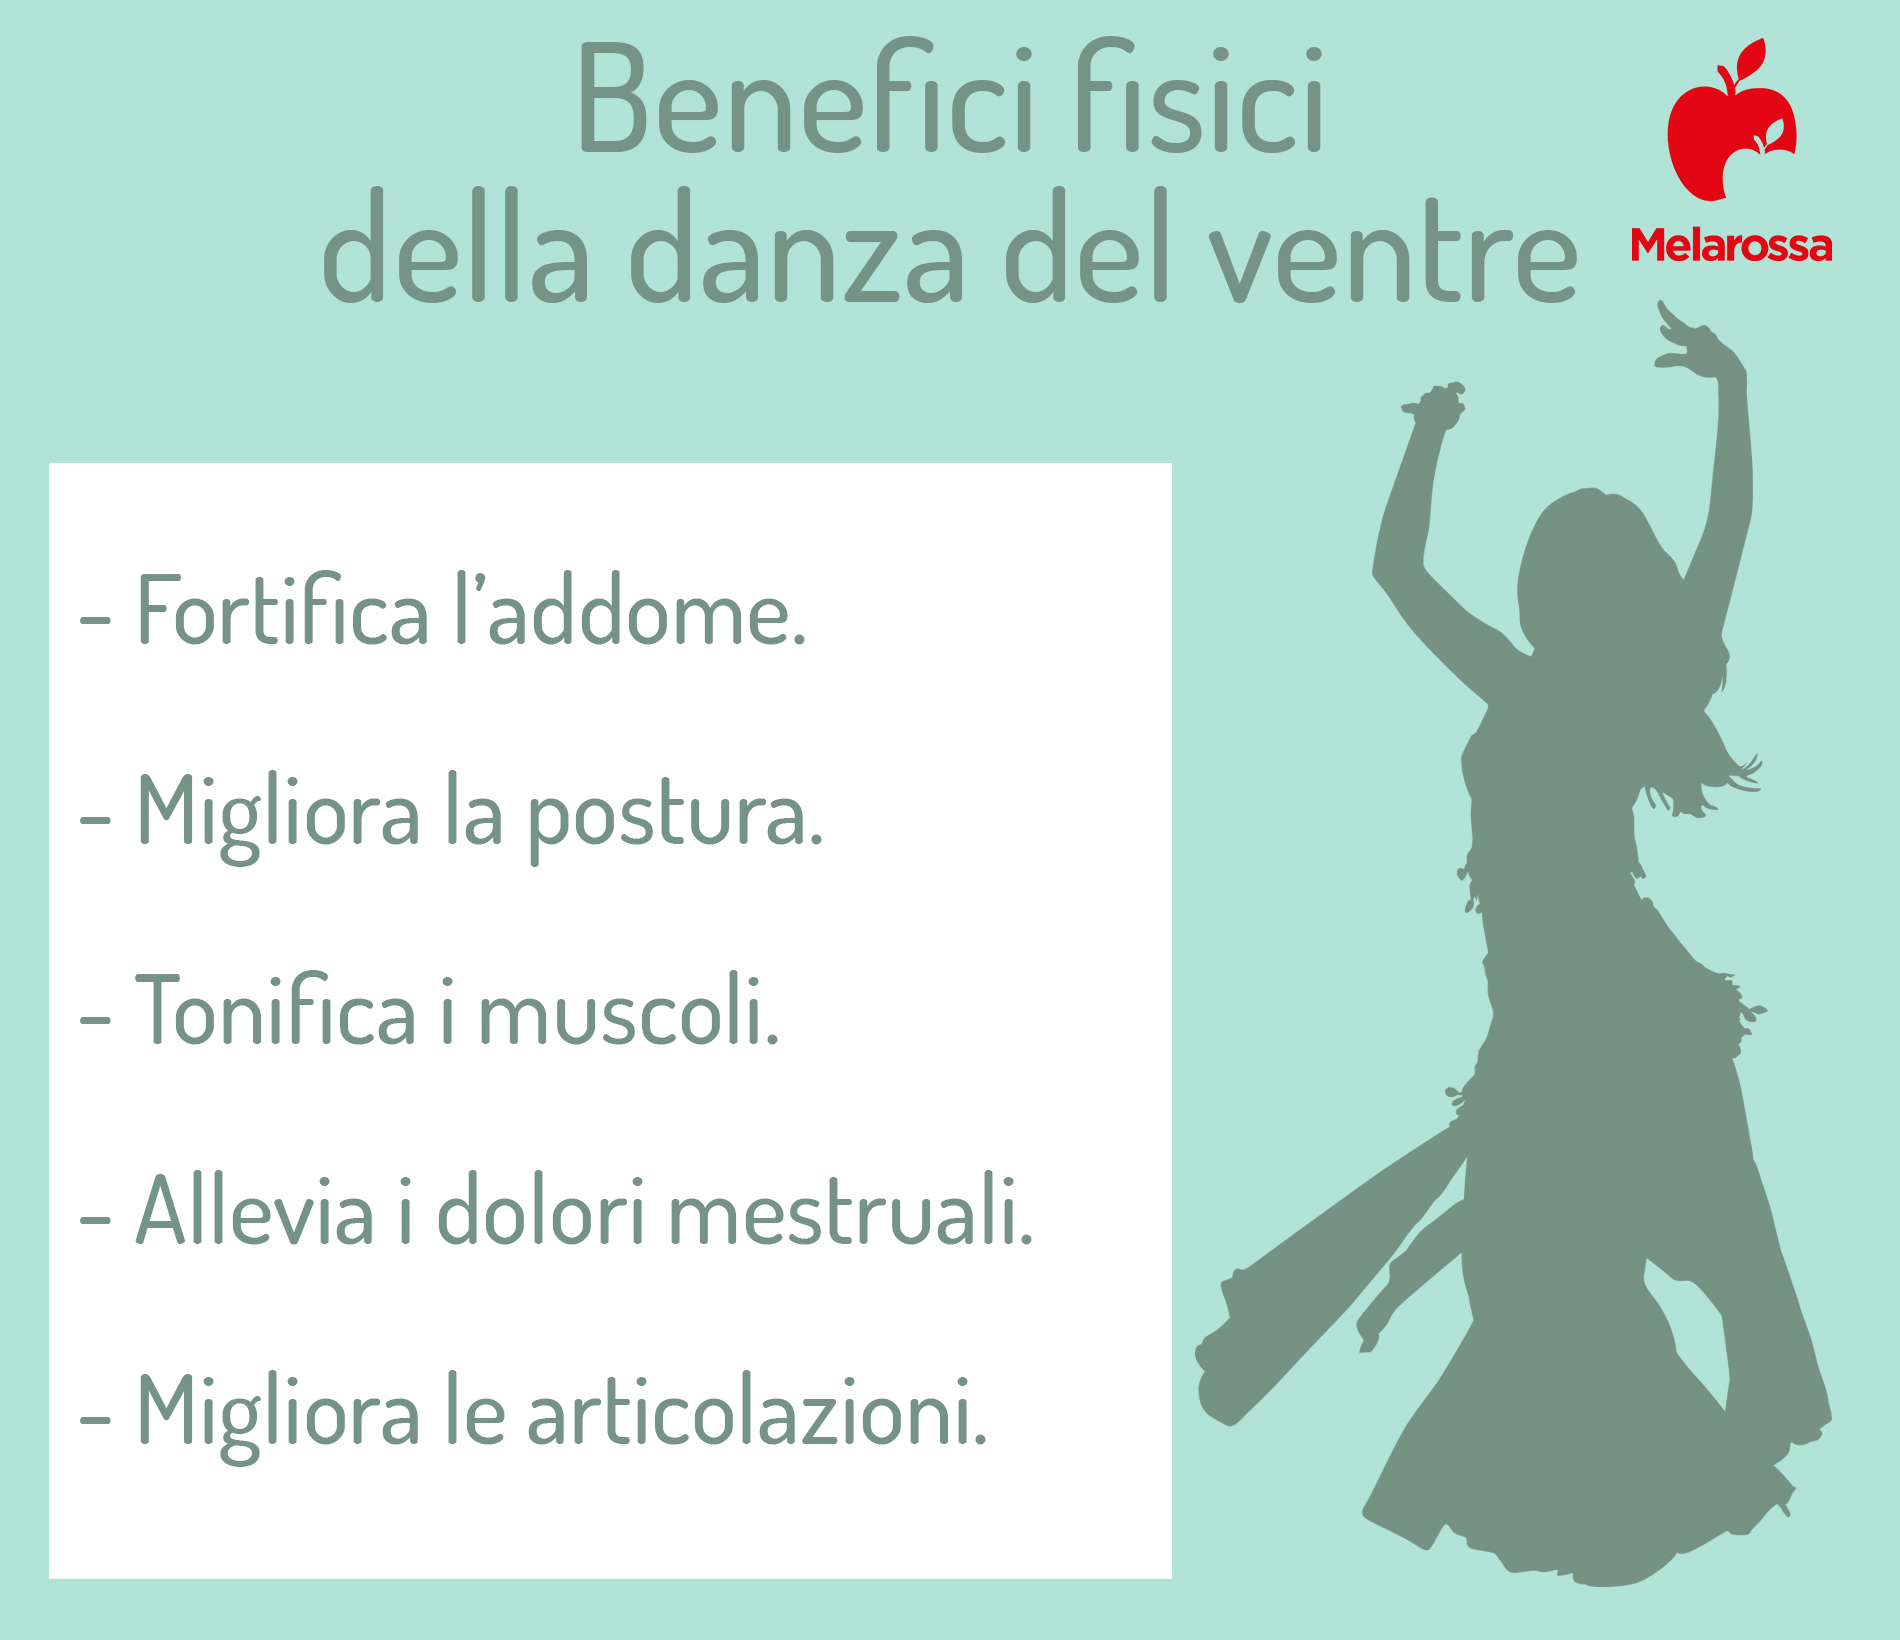 Benefici fisici della danza del ventre